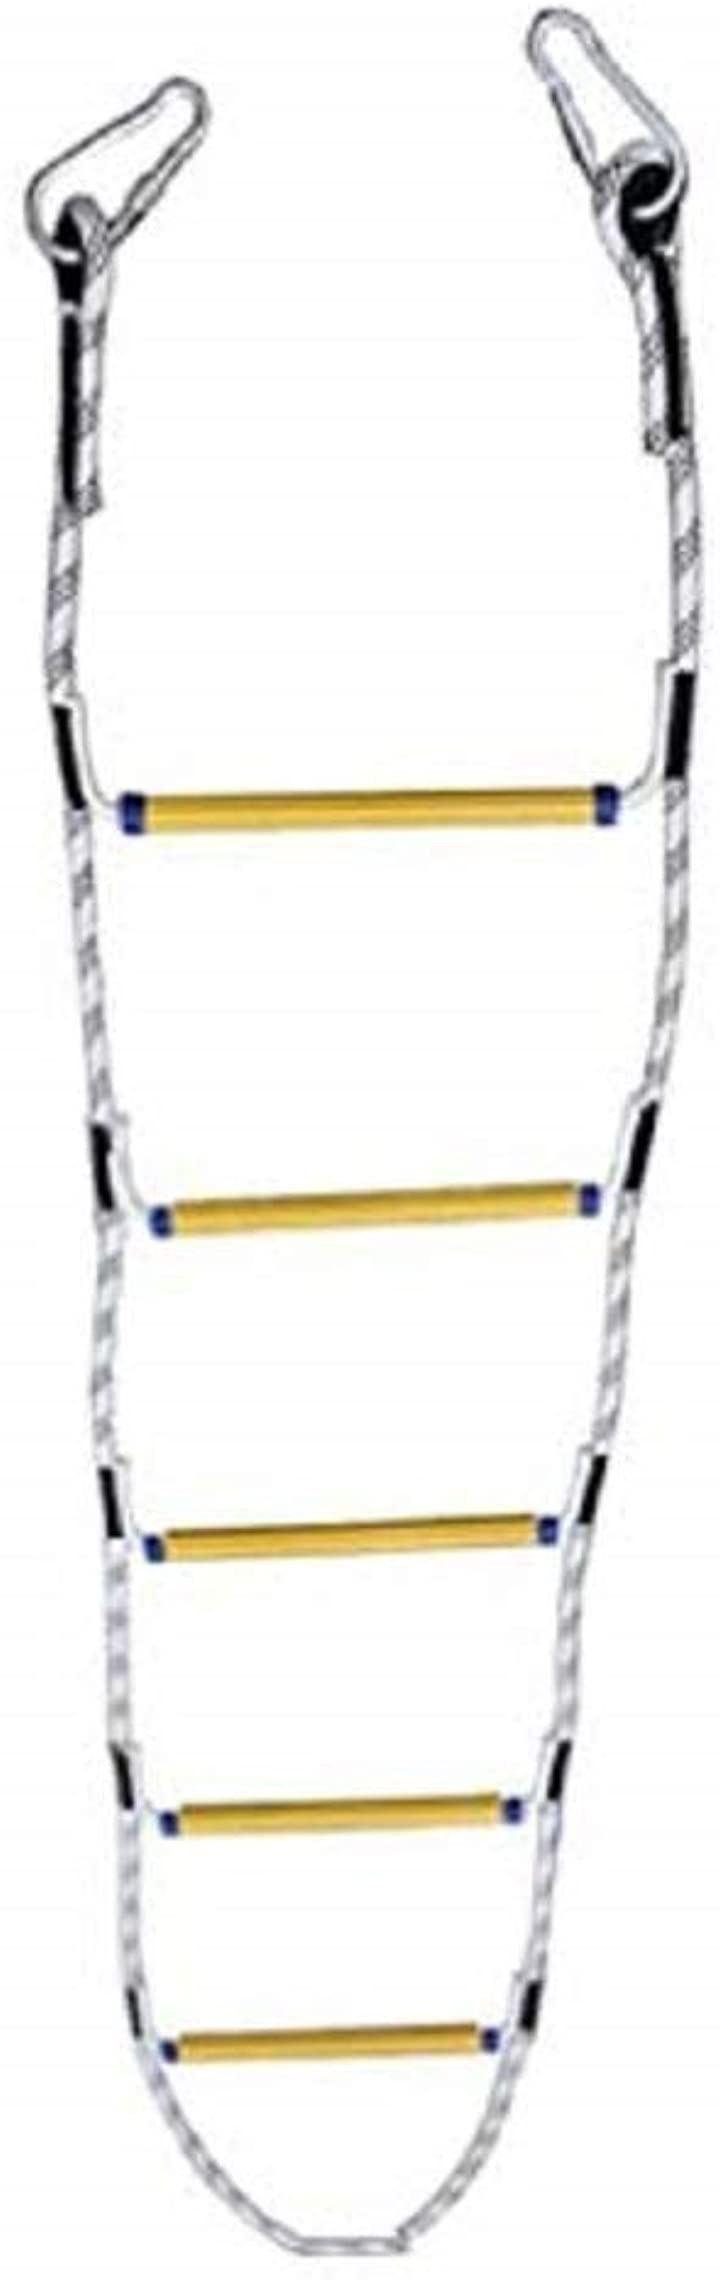 クライミングロープ 多機能 大人 子供用 縄梯子 救難 救援 緊急対応 ナイロンロープ はしご避難はしご スポーツロープ ラダーロープ 体力づくり